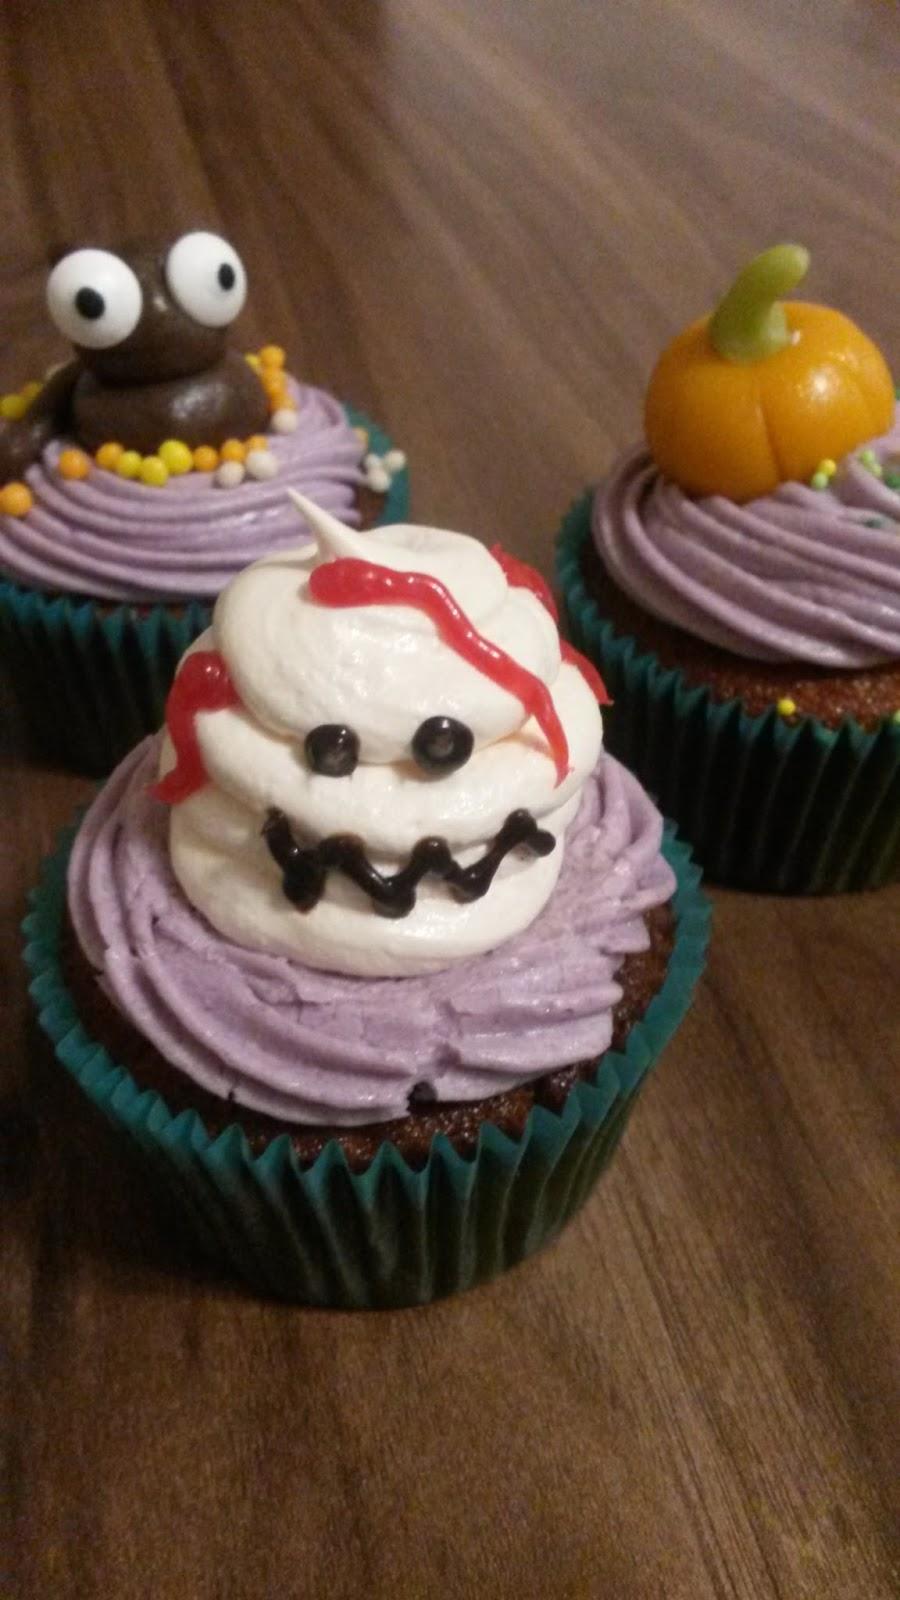 Faszinierend Halloween Cupcakes Rezepte Ideen Von Mein Rezept Für Cupcakes.